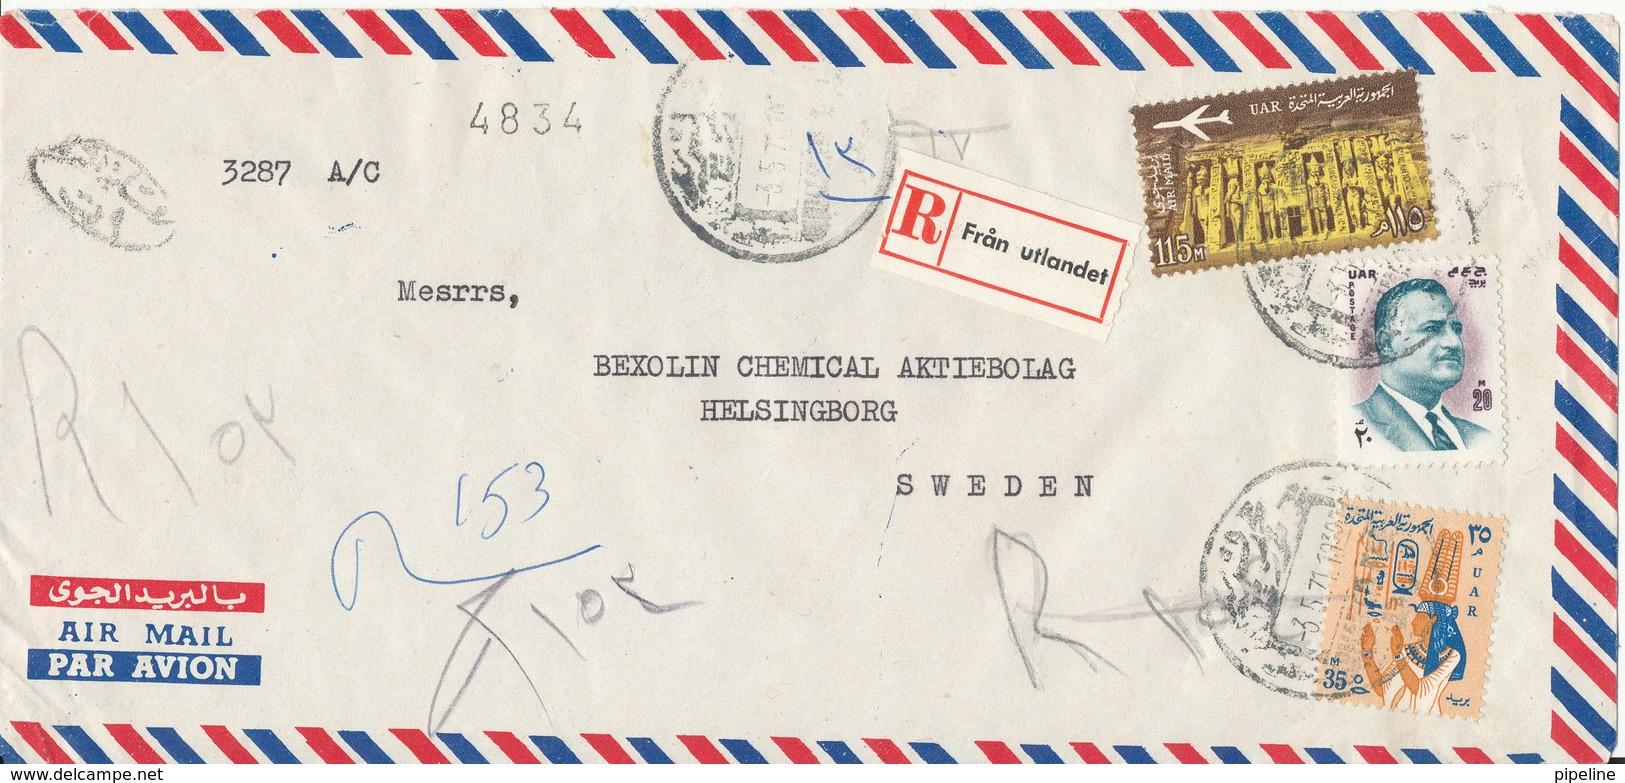 Egypt Registered Air Mail Cover Sent To Denmark 5-7-1971 - Egypt